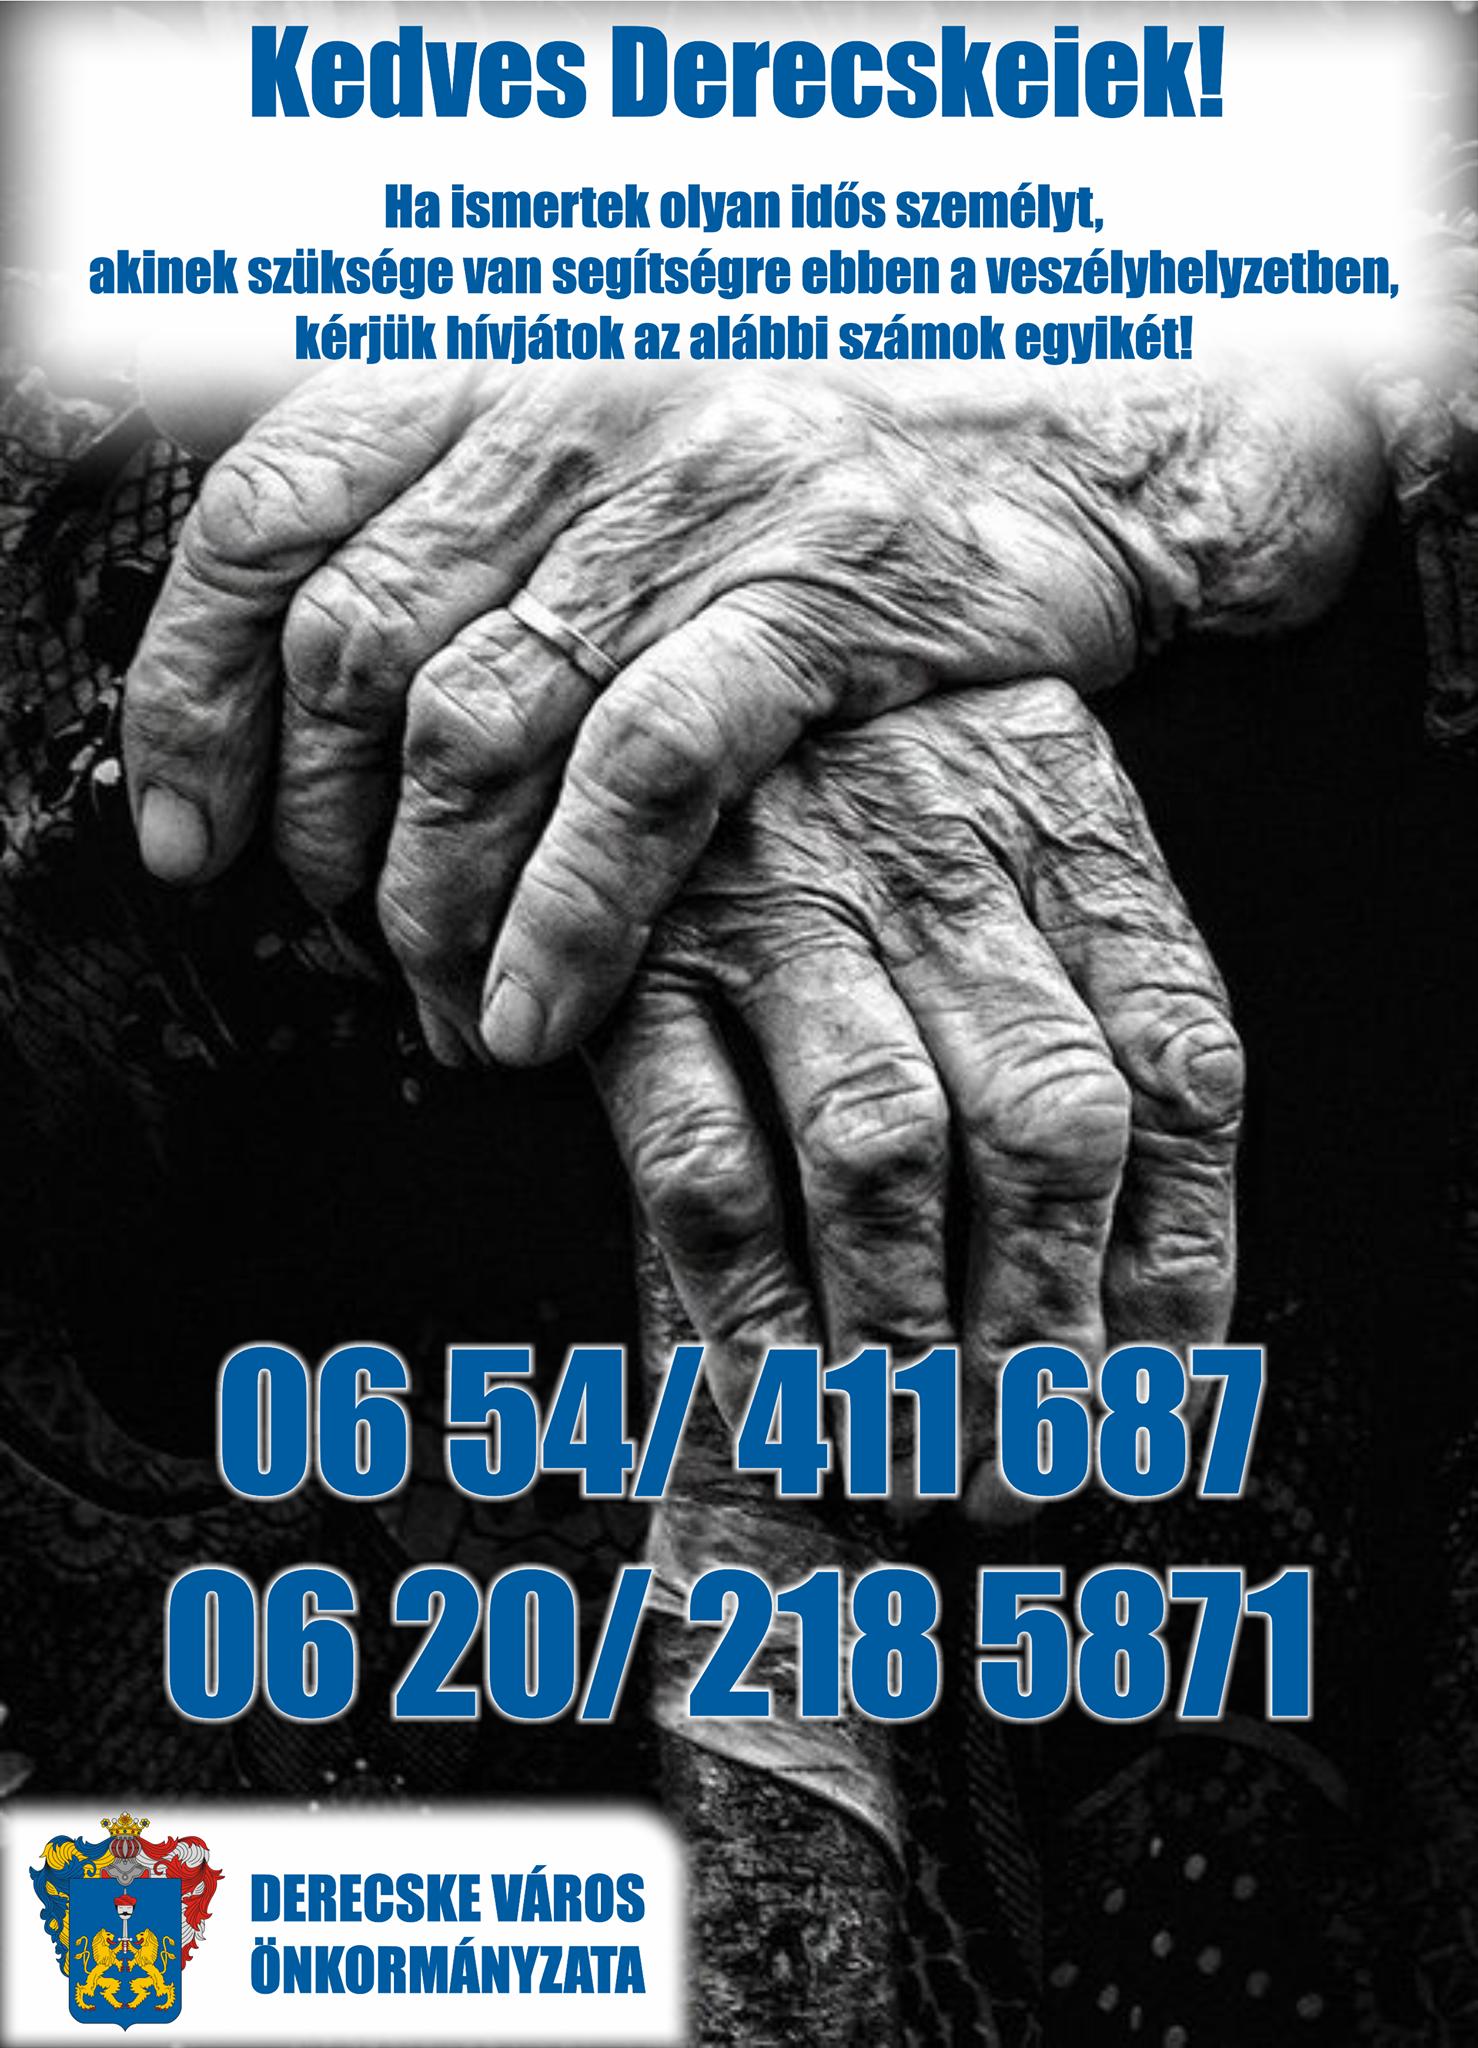 #idősek segítése #vigyázzunk egymásra